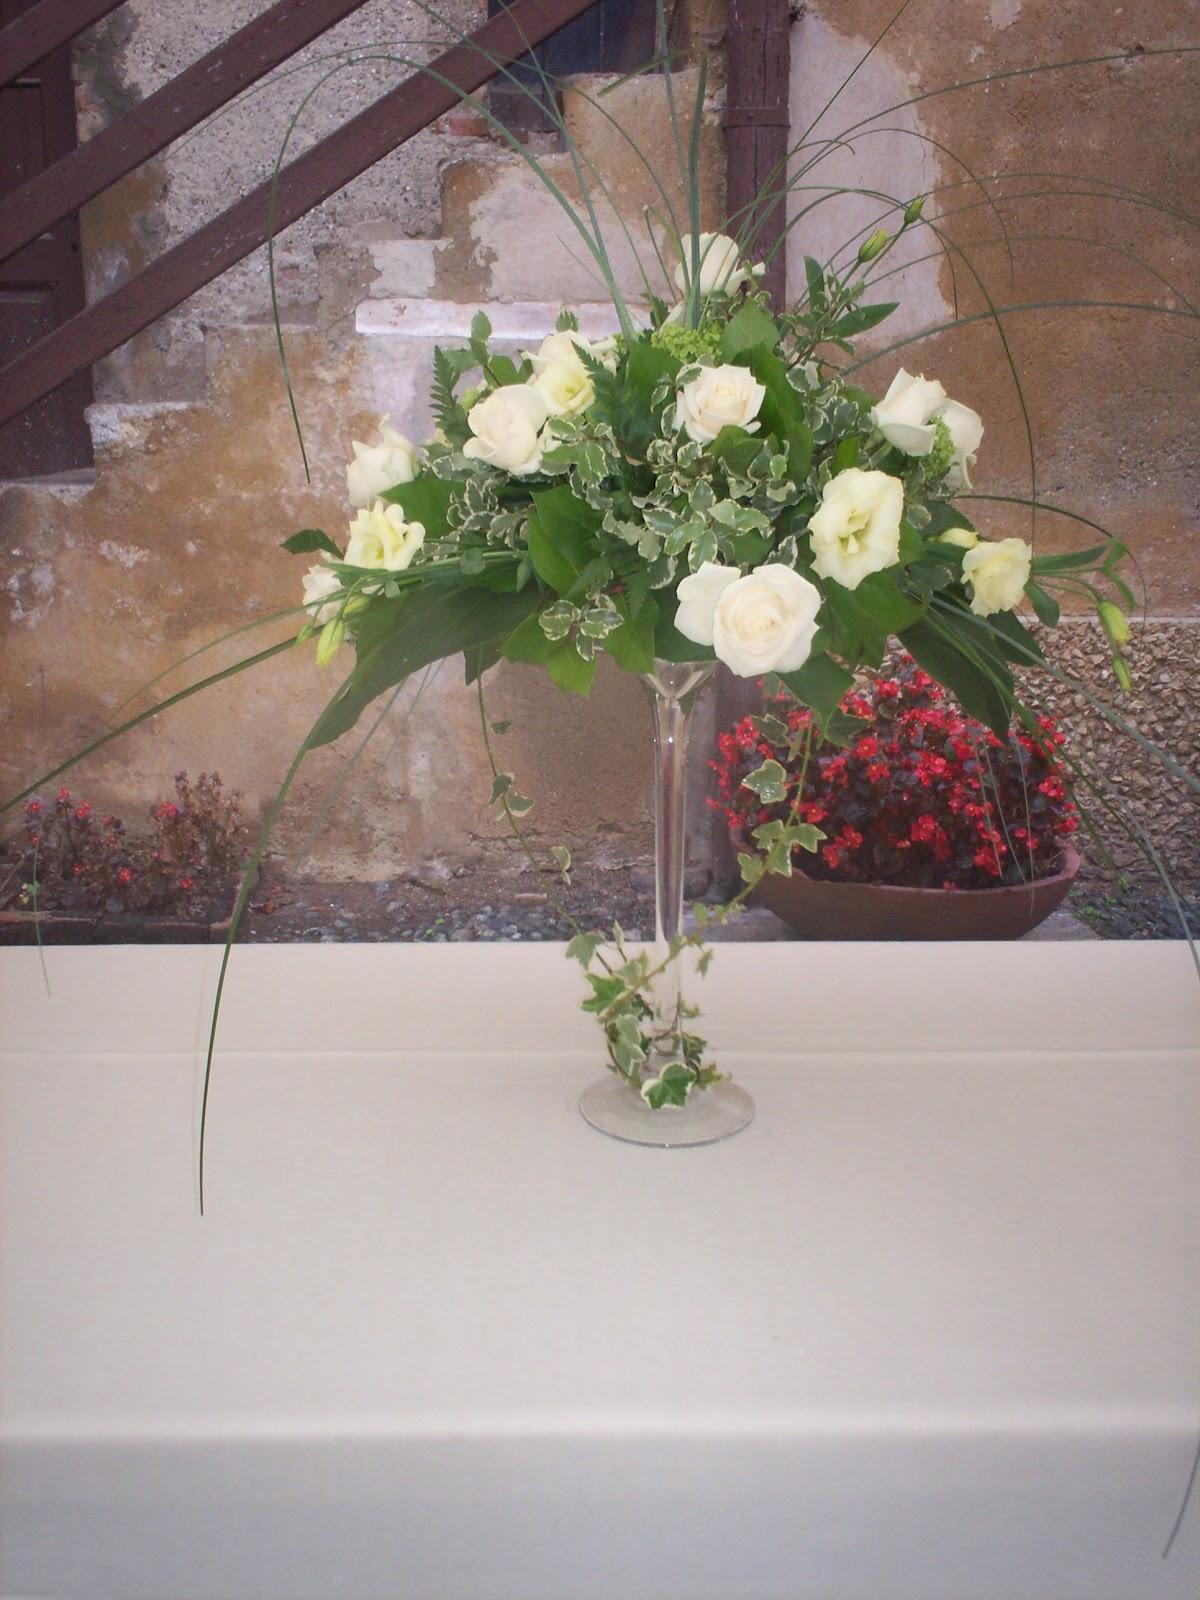 Matrimonio In Ristorante : Il mercatino dei fiori matrimonio addobbo ristorante